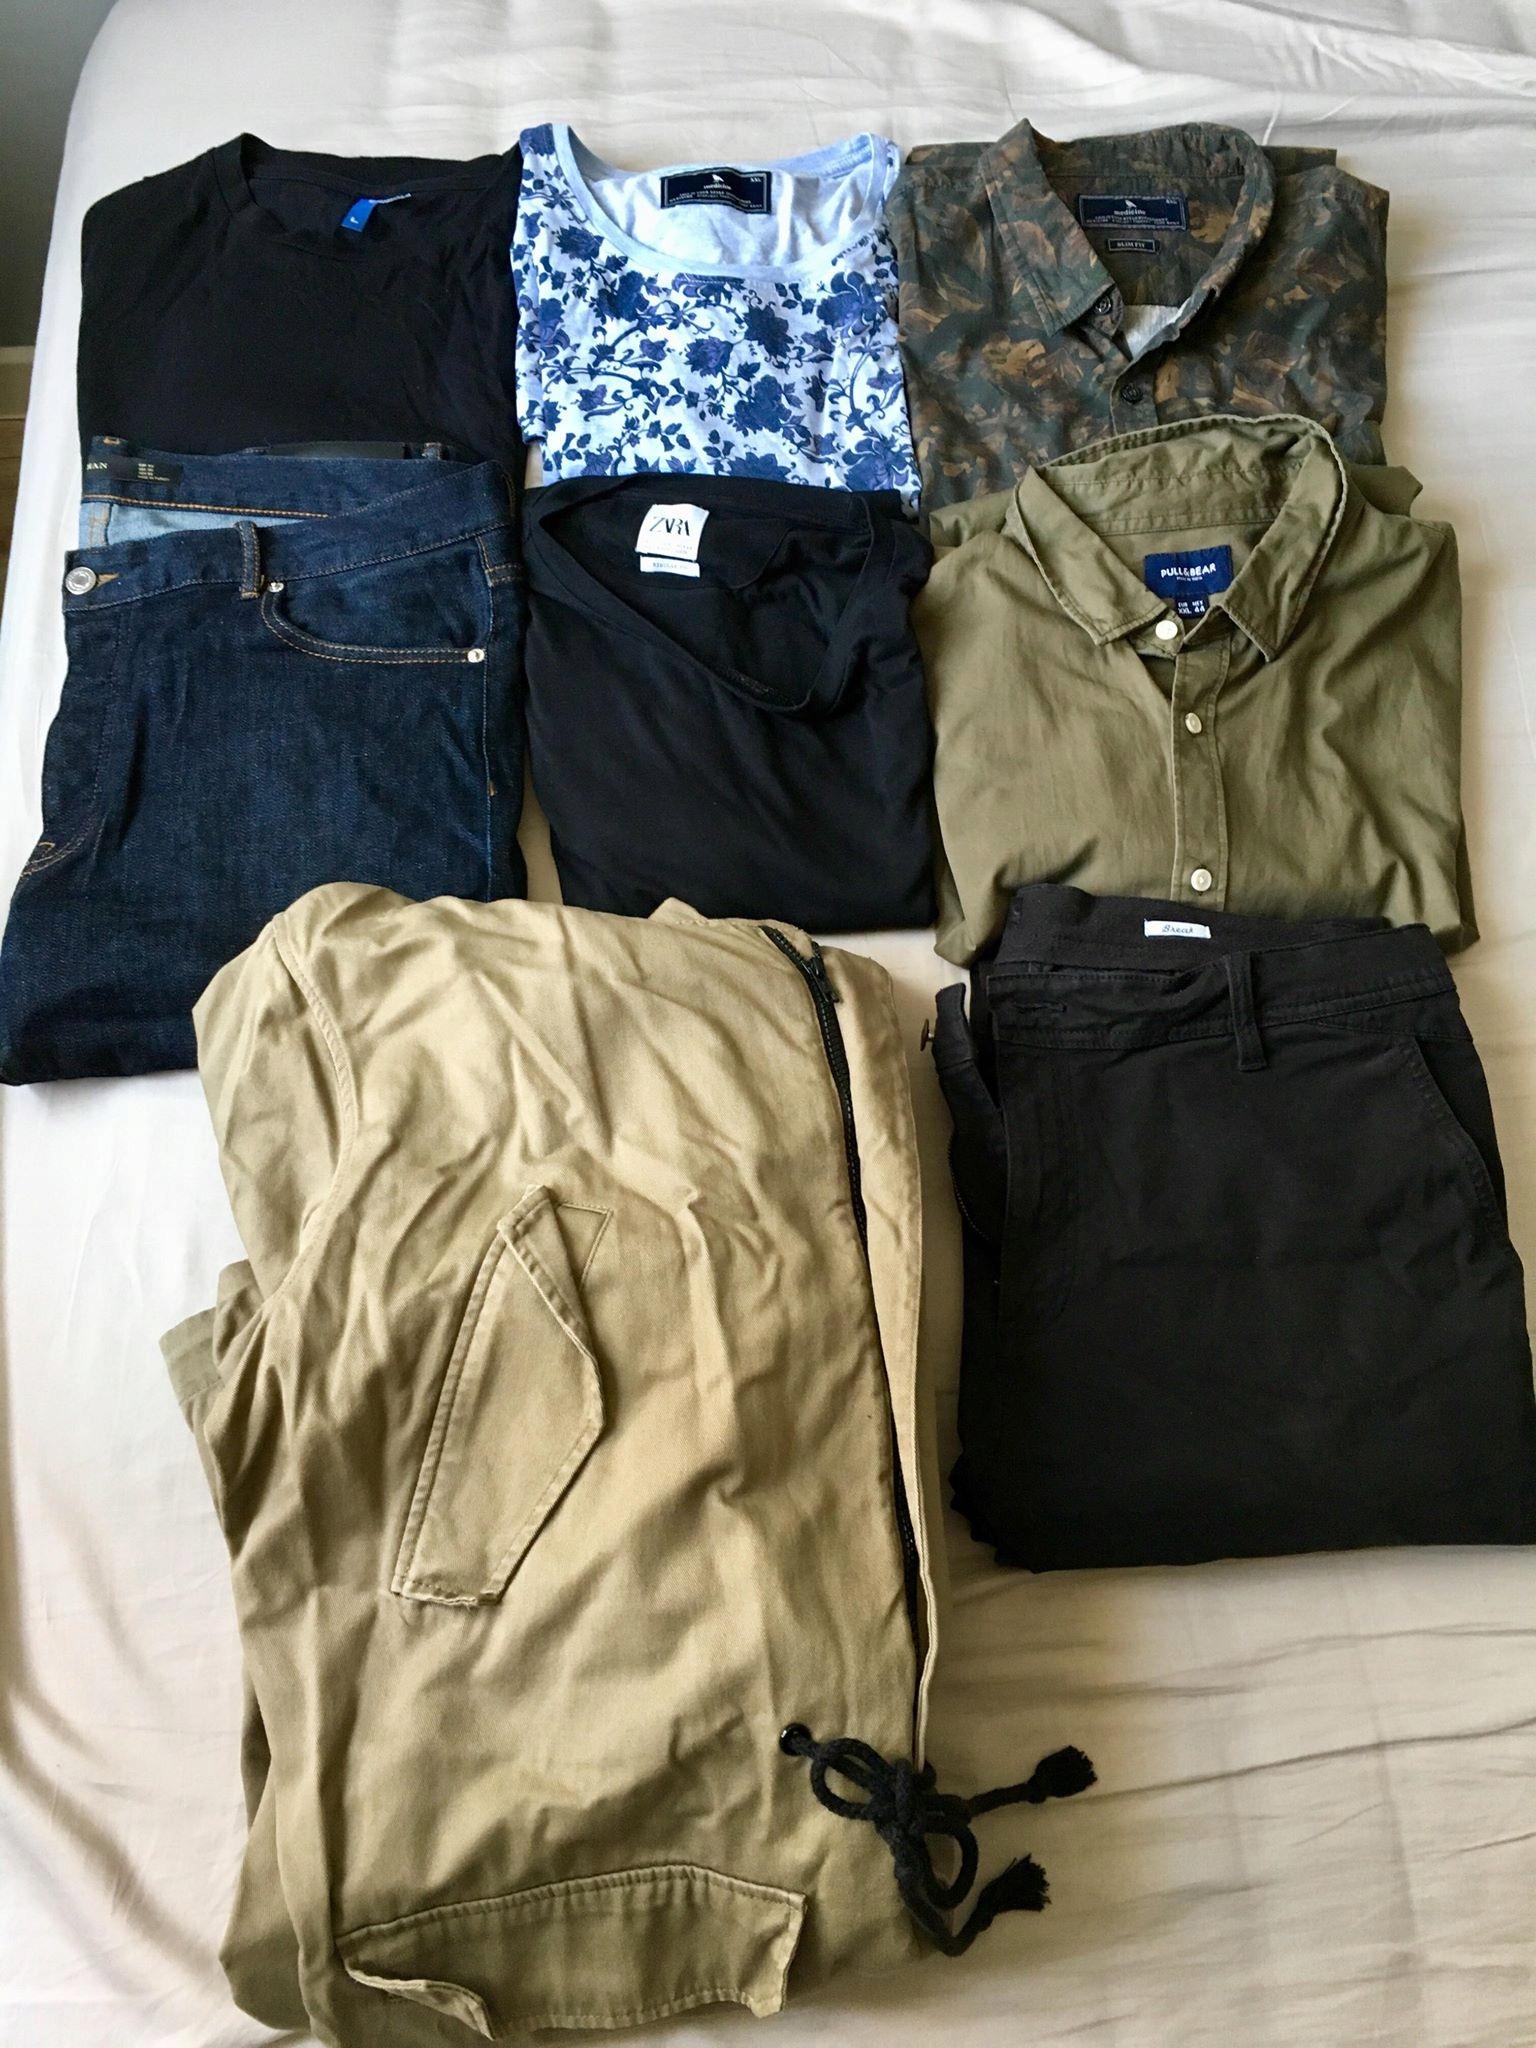 Zestaw ubrań męskich:Zara,Medicine,H&M XL-XXL